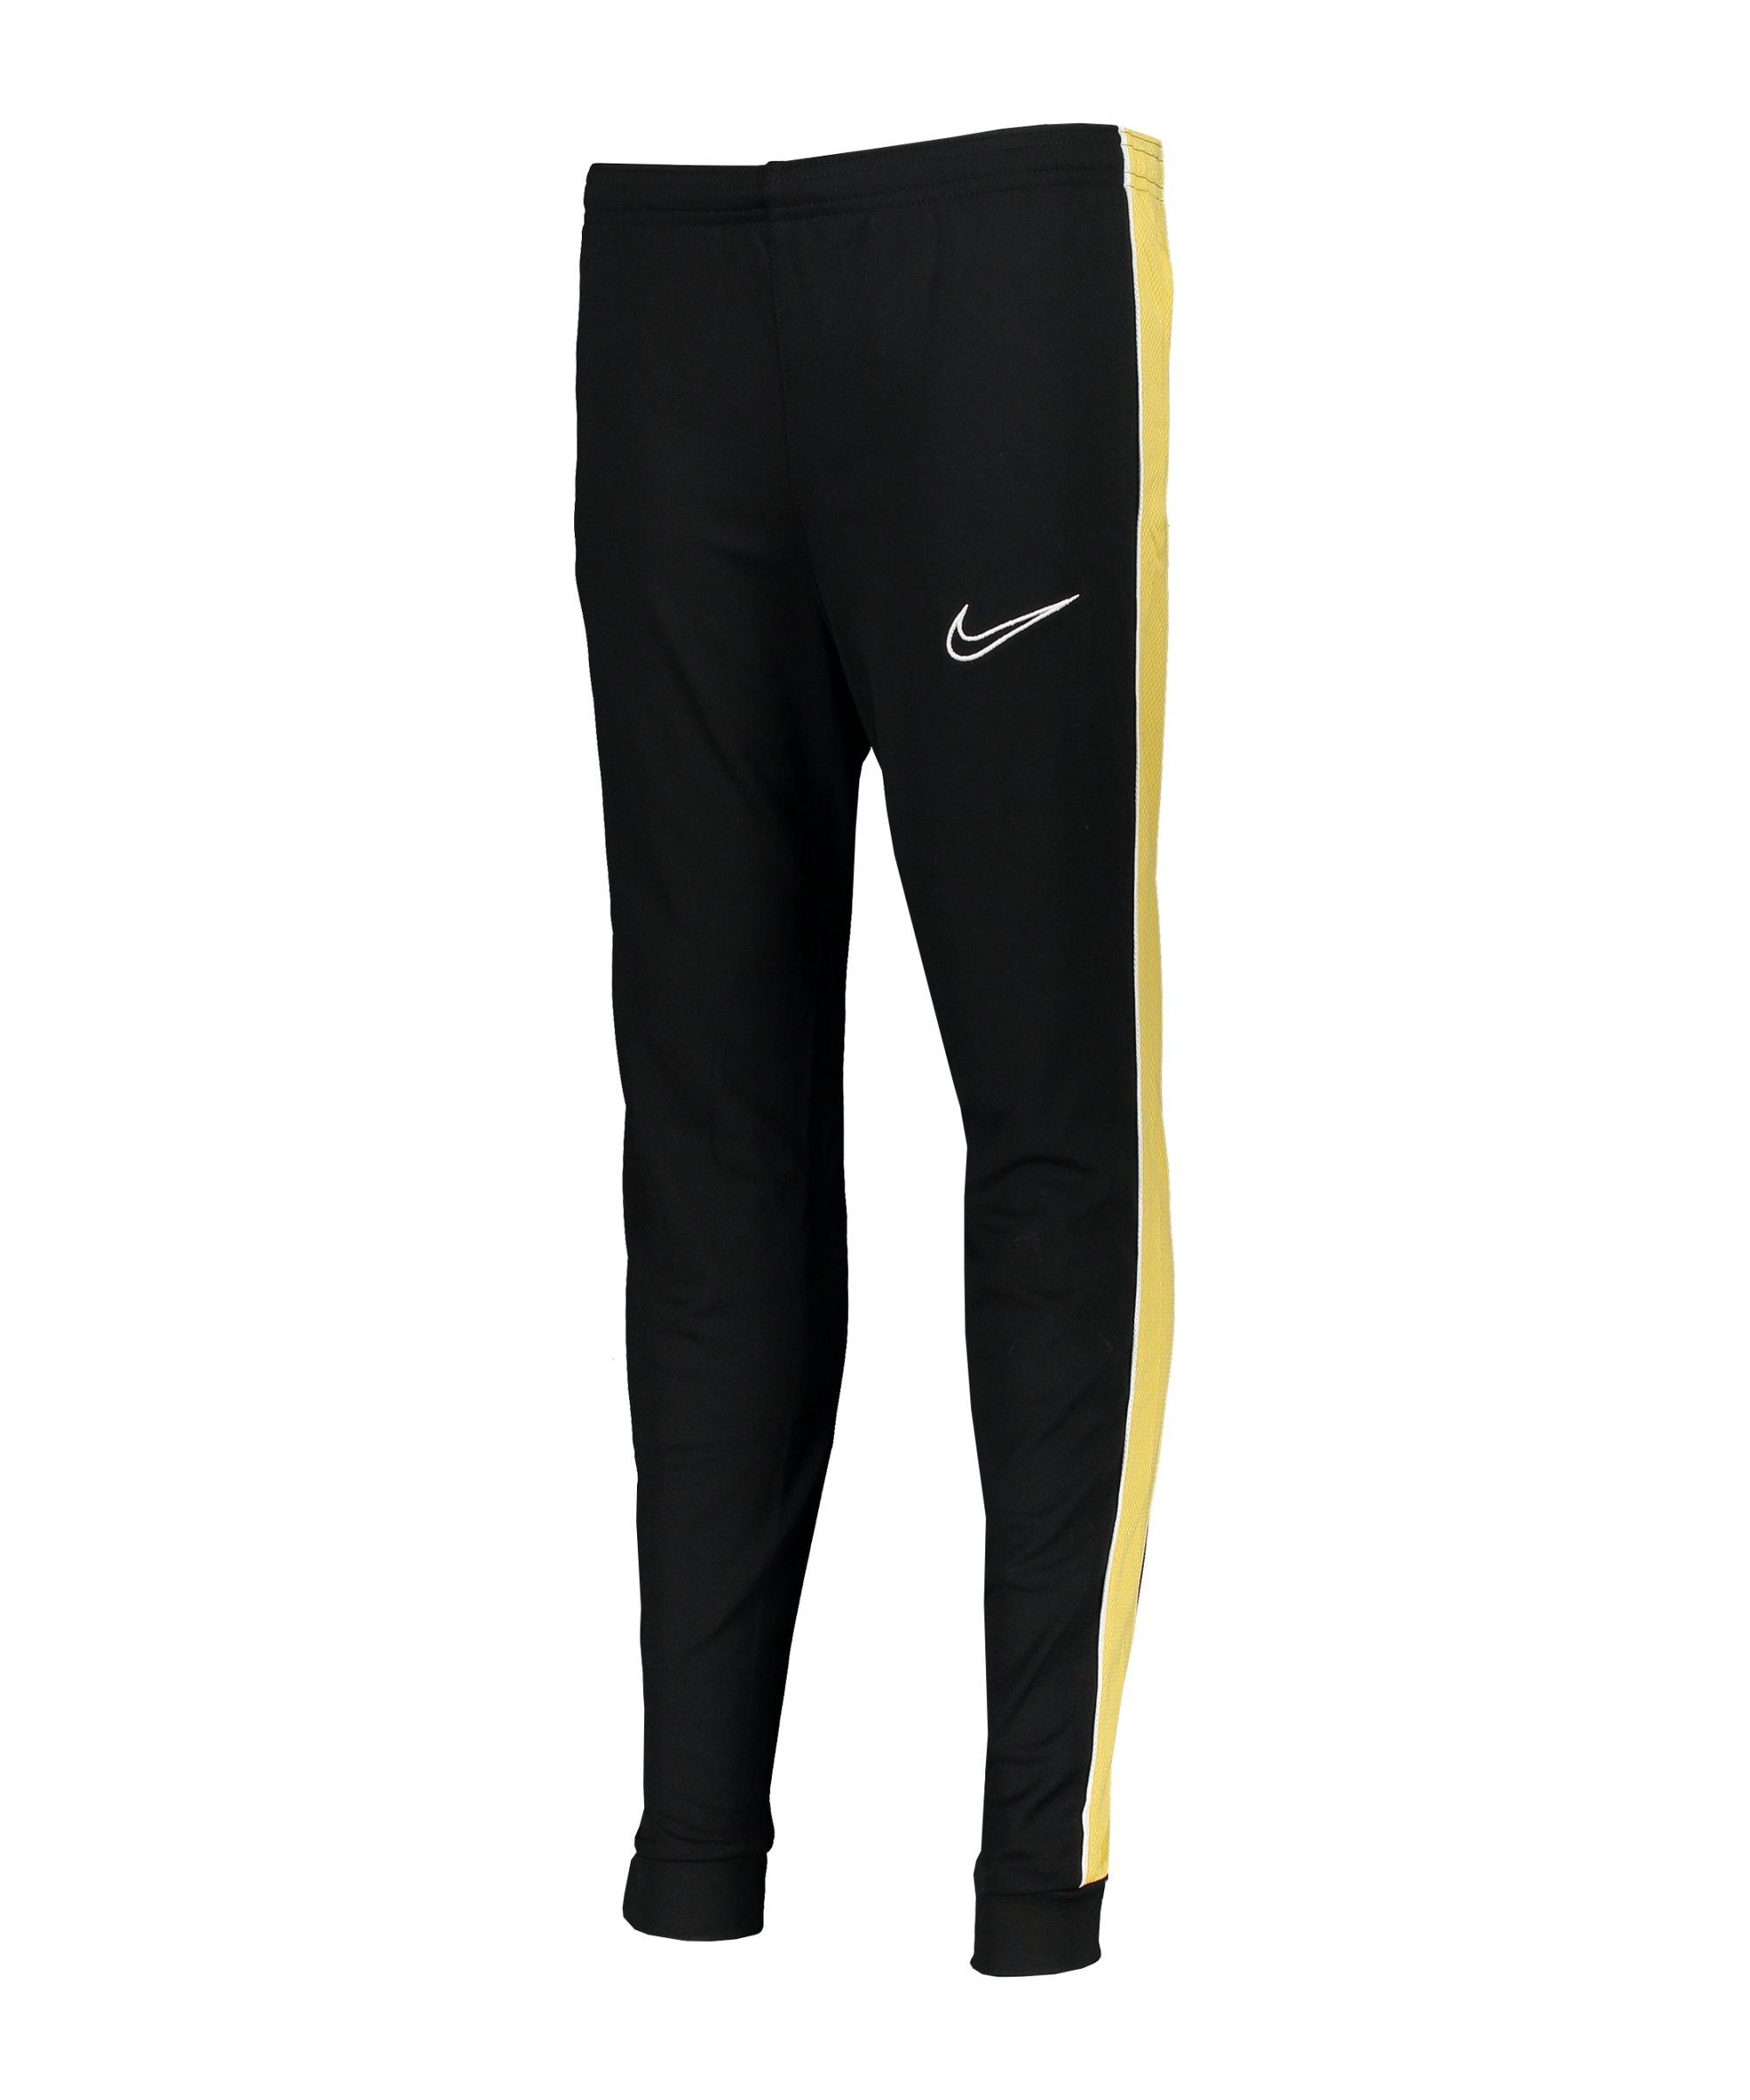 Nike Dry Academy Trainingshose Kids Schwarz F011 - schwarz